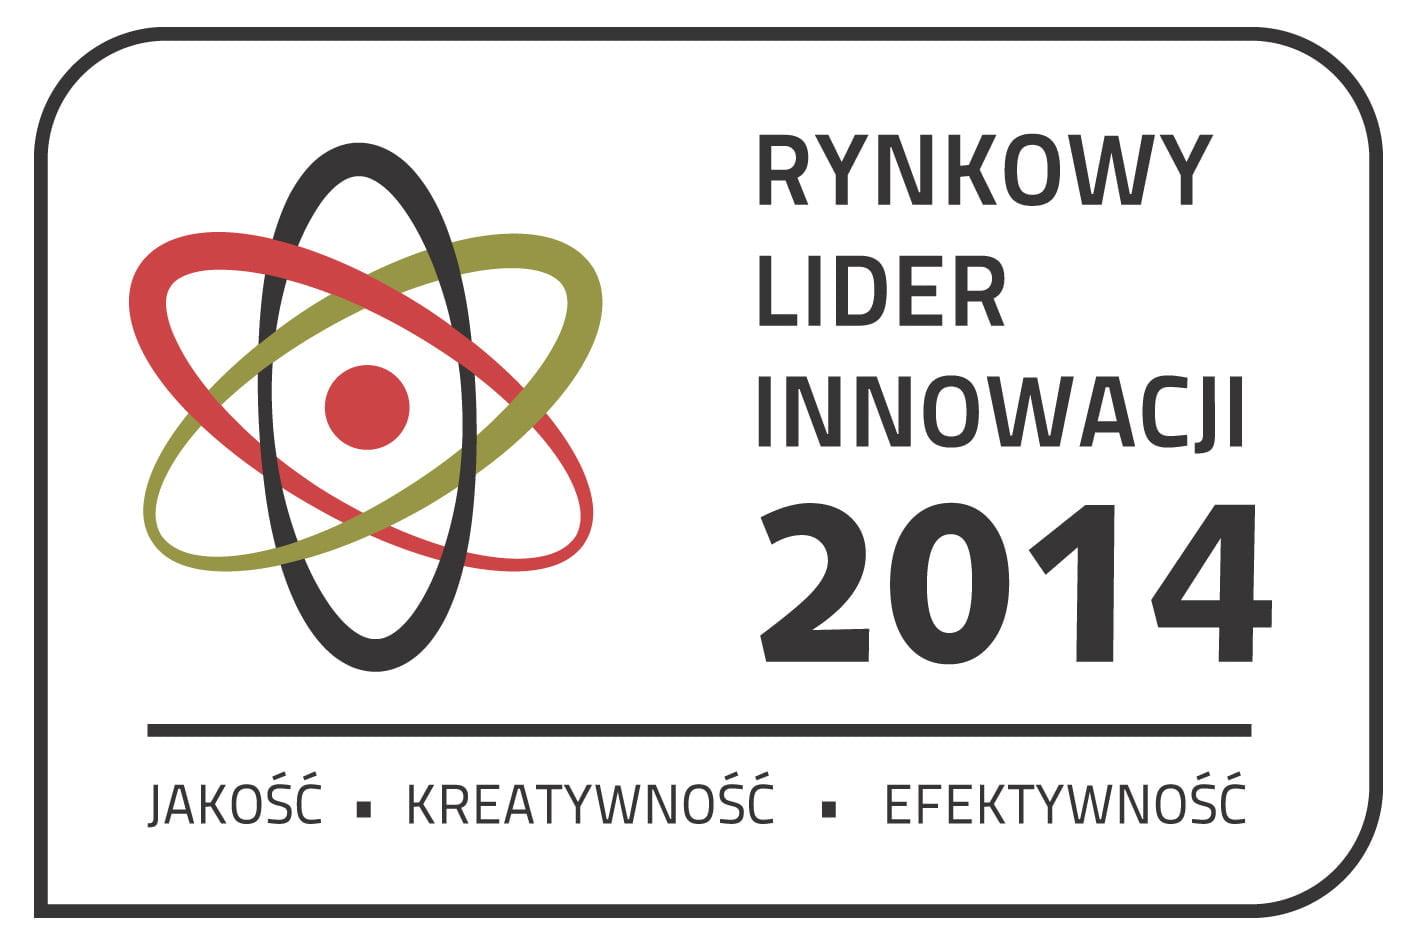 rynkowy lider innowacji